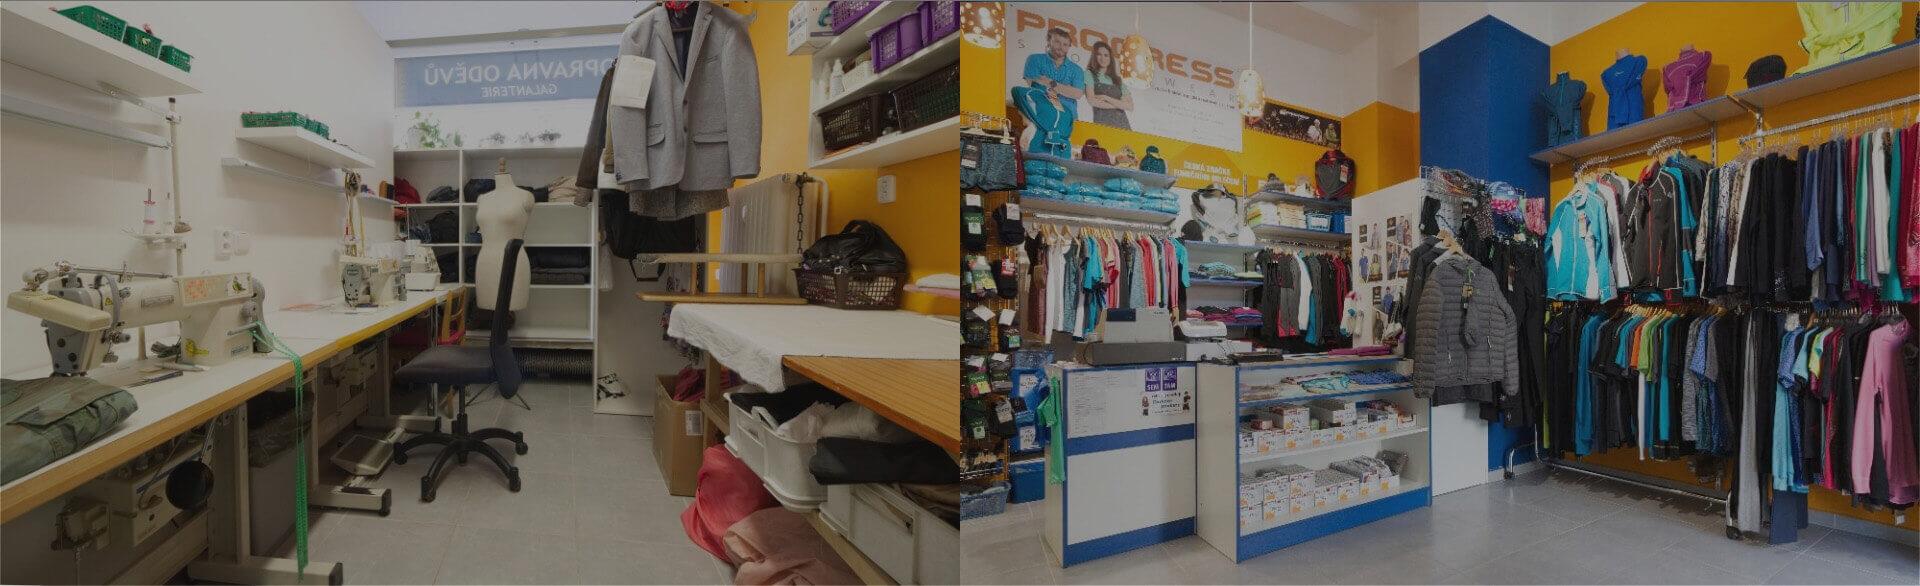 Opravna a prodejna oděvů v Plzni